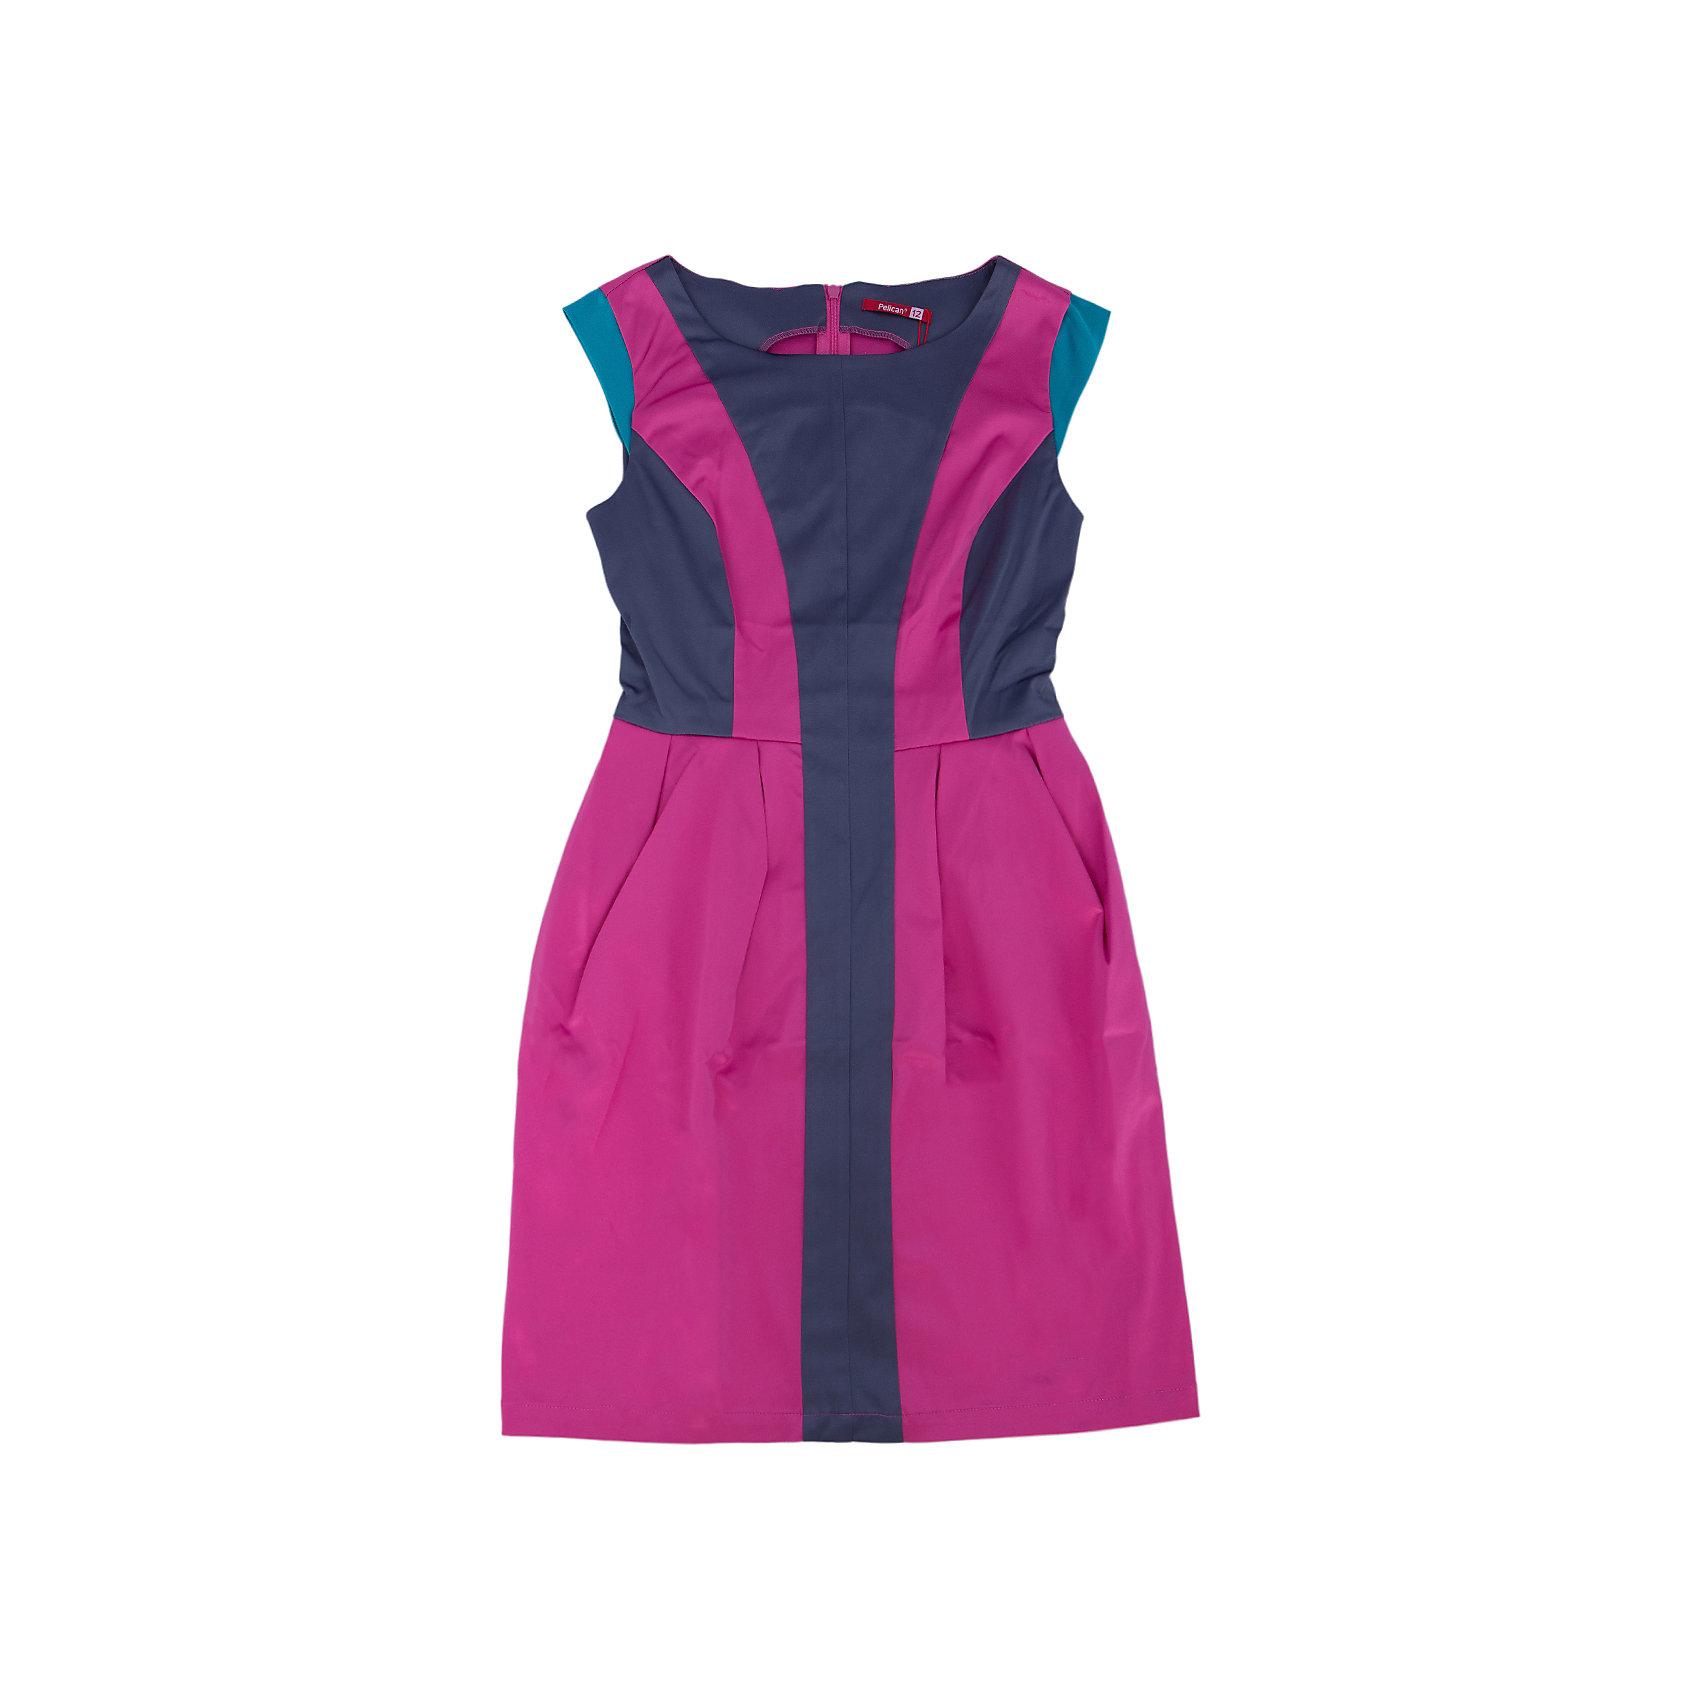 Платье для девочки PELICANПлатья и сарафаны<br>Блестящее модное платье для девочки смотрится оригинально и нарядно. Оно поможет разнообразить гардероб ребенка, создать подходящий погоде ансамбль. Удобный крой и качественный материал обеспечат ребенку комфорт при ношении этого изделия. <br>Платье декорировано цветными вставками из такой же ткани с атласным блеском. Рукава короткие. На спине - молния. Материал платья частично состоит из дышащего натурального хлопка, гипоаллергенного, отлично подходящего для детской одежды. <br><br>Дополнительная информация:<br><br>материал: 55% полиэстер, 42% хлопок, 3% эластан;<br>цвет: розовый;<br>молния на спине;<br>декорировано контрастными вставками.<br><br>Платье для девочки от бренда PELICAN (Пеликан) можно купить в нашем магазине.<br><br>Ширина мм: 236<br>Глубина мм: 16<br>Высота мм: 184<br>Вес г: 177<br>Цвет: розовый<br>Возраст от месяцев: 132<br>Возраст до месяцев: 144<br>Пол: Женский<br>Возраст: Детский<br>Размер: 152,164,158<br>SKU: 4805194